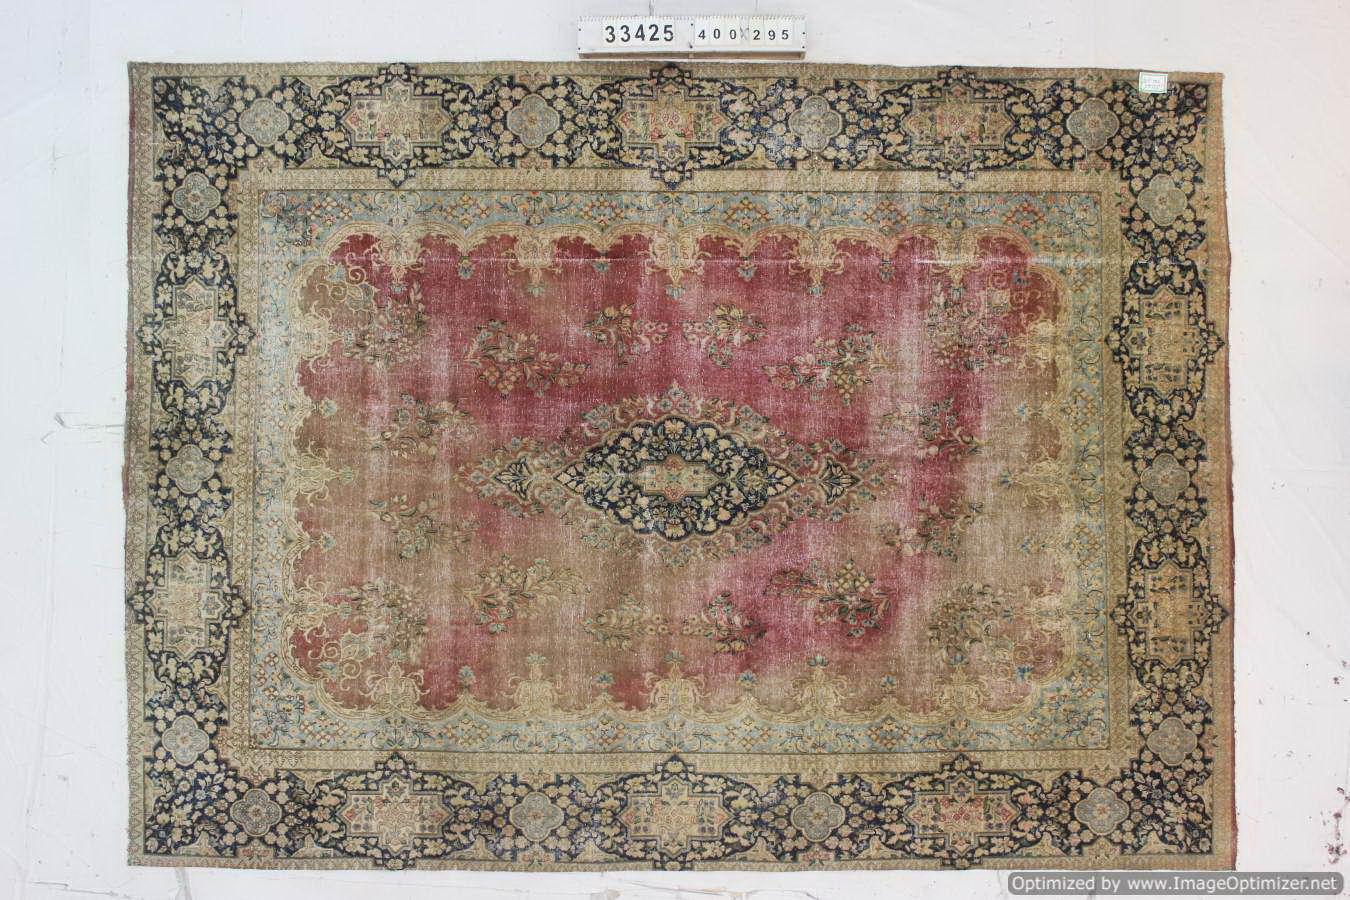 Recoloured  vloerkleed nr 33425 ( 400cm x 295cm) tapijt wat een nieuwe hippe trendy kleur heeft gekregen.